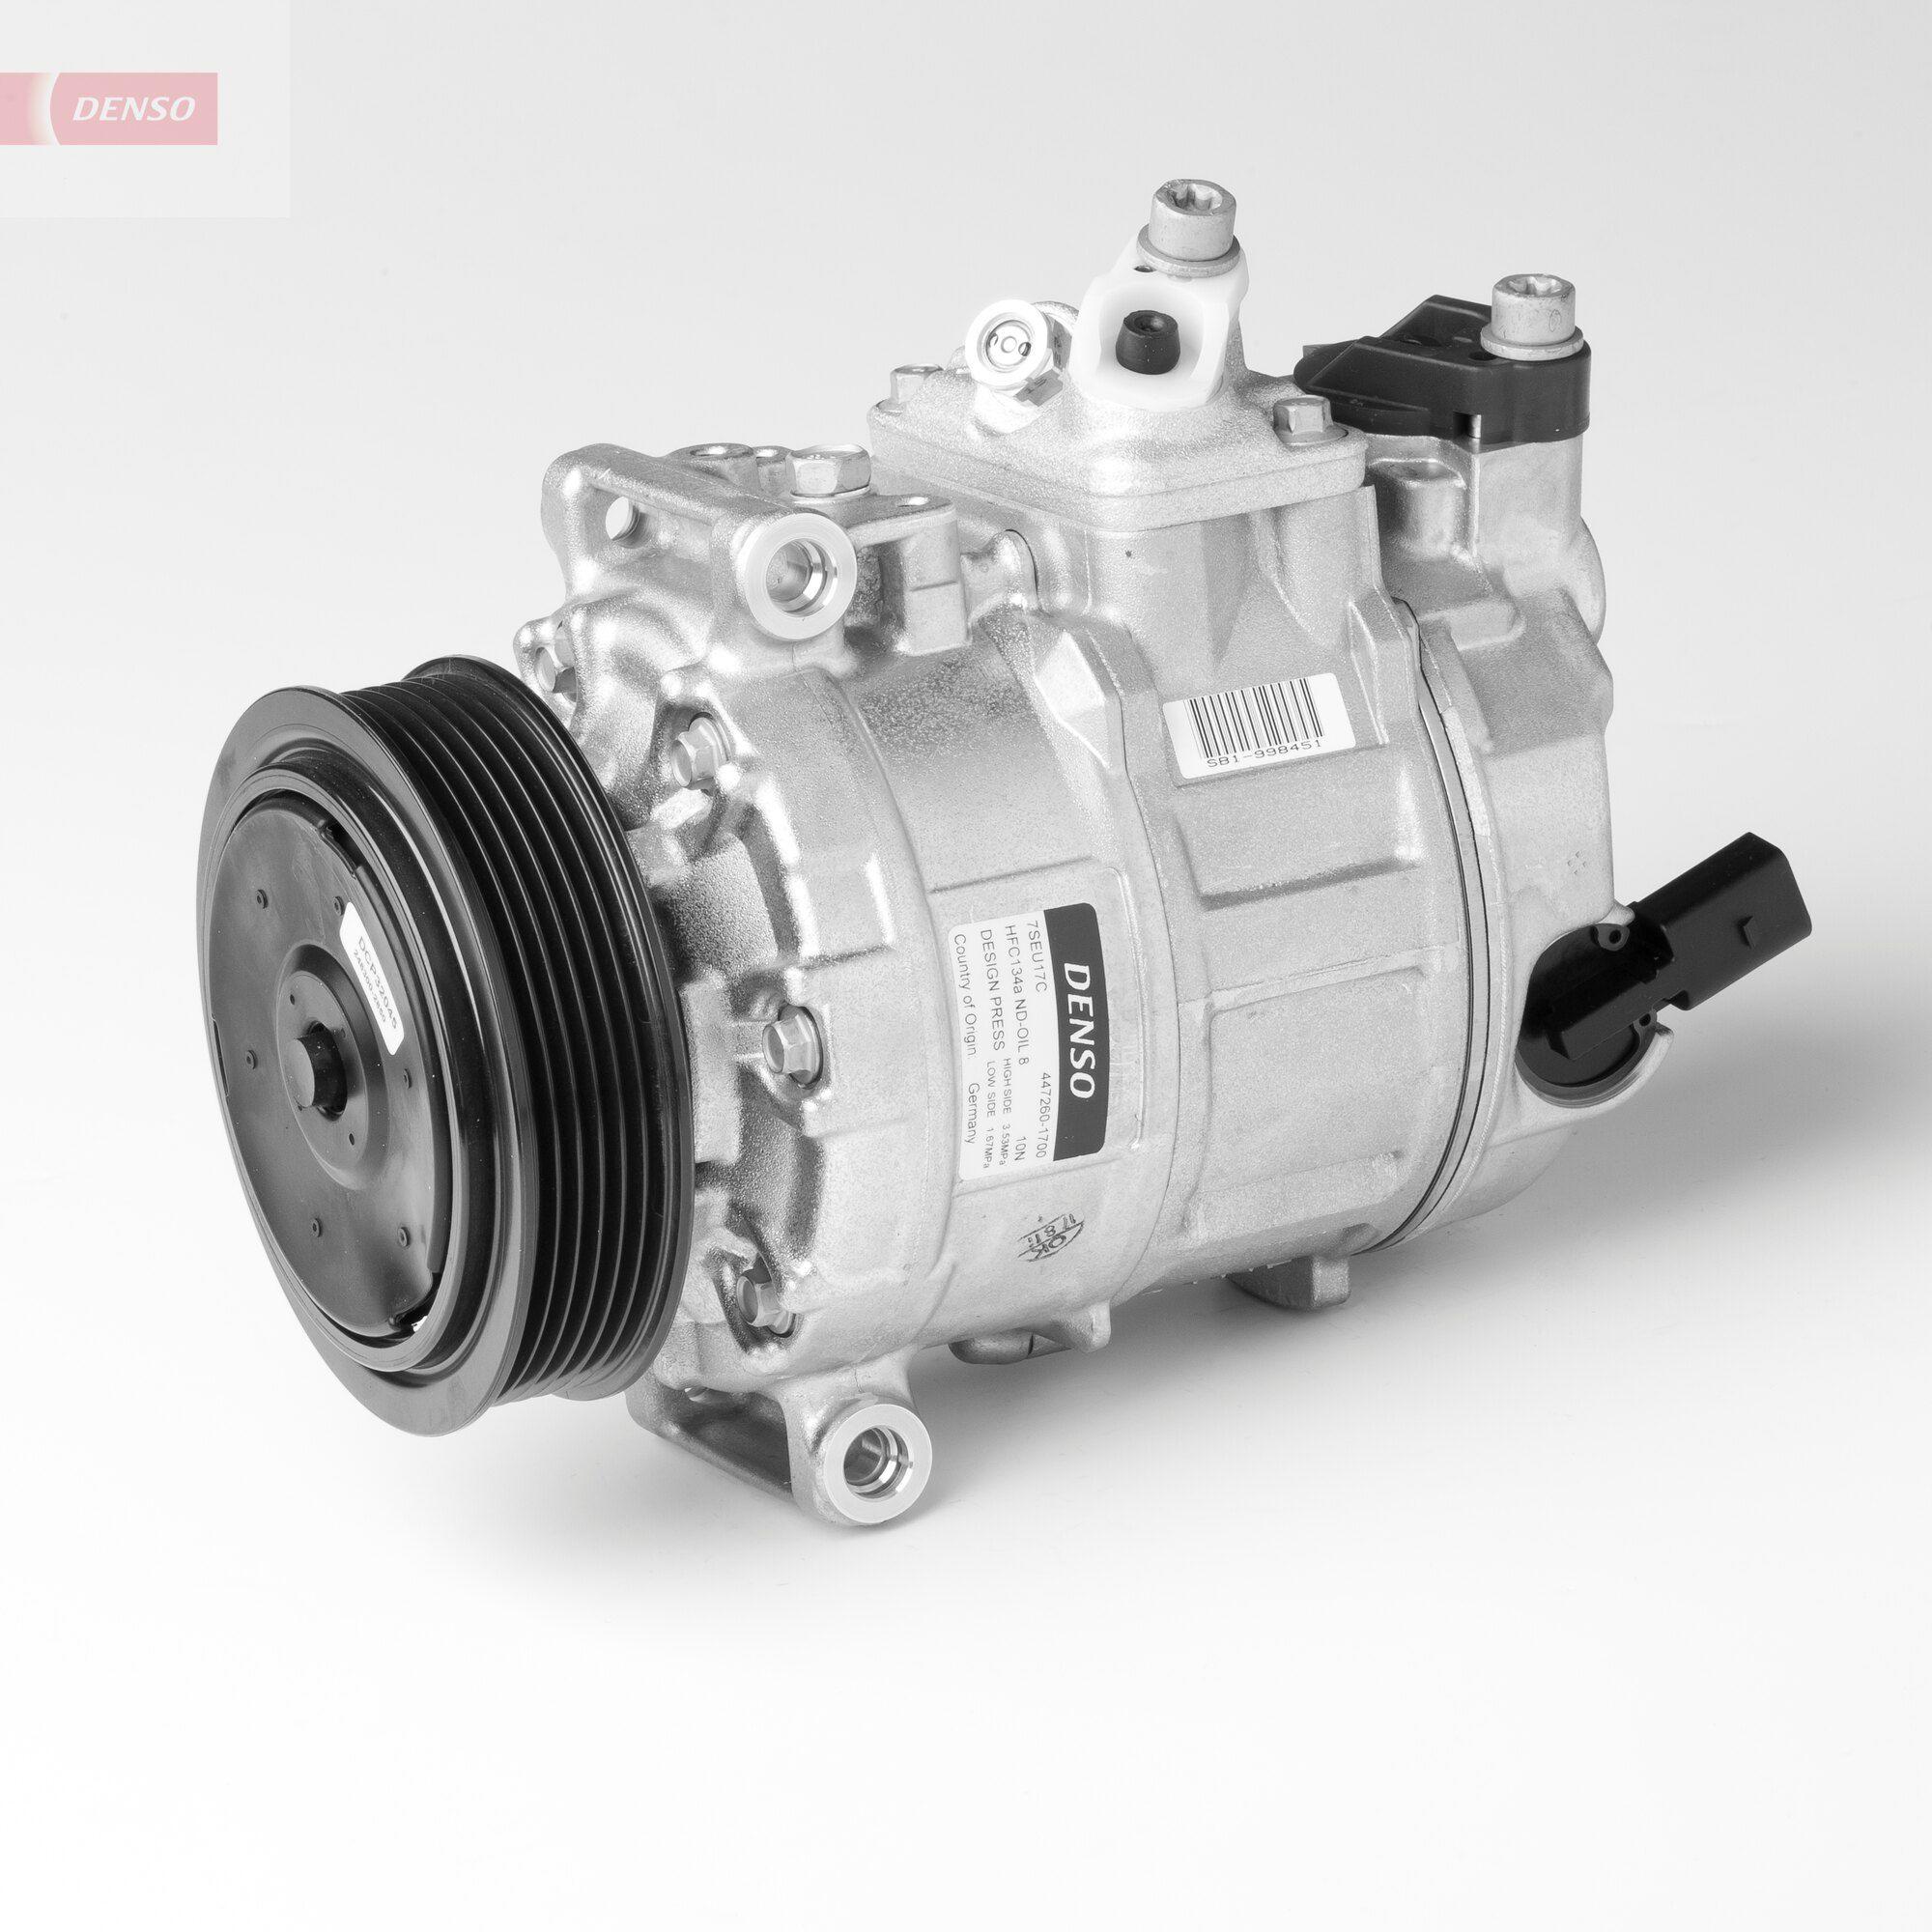 DCP32045 Kältemittelkompressor DENSO Erfahrung